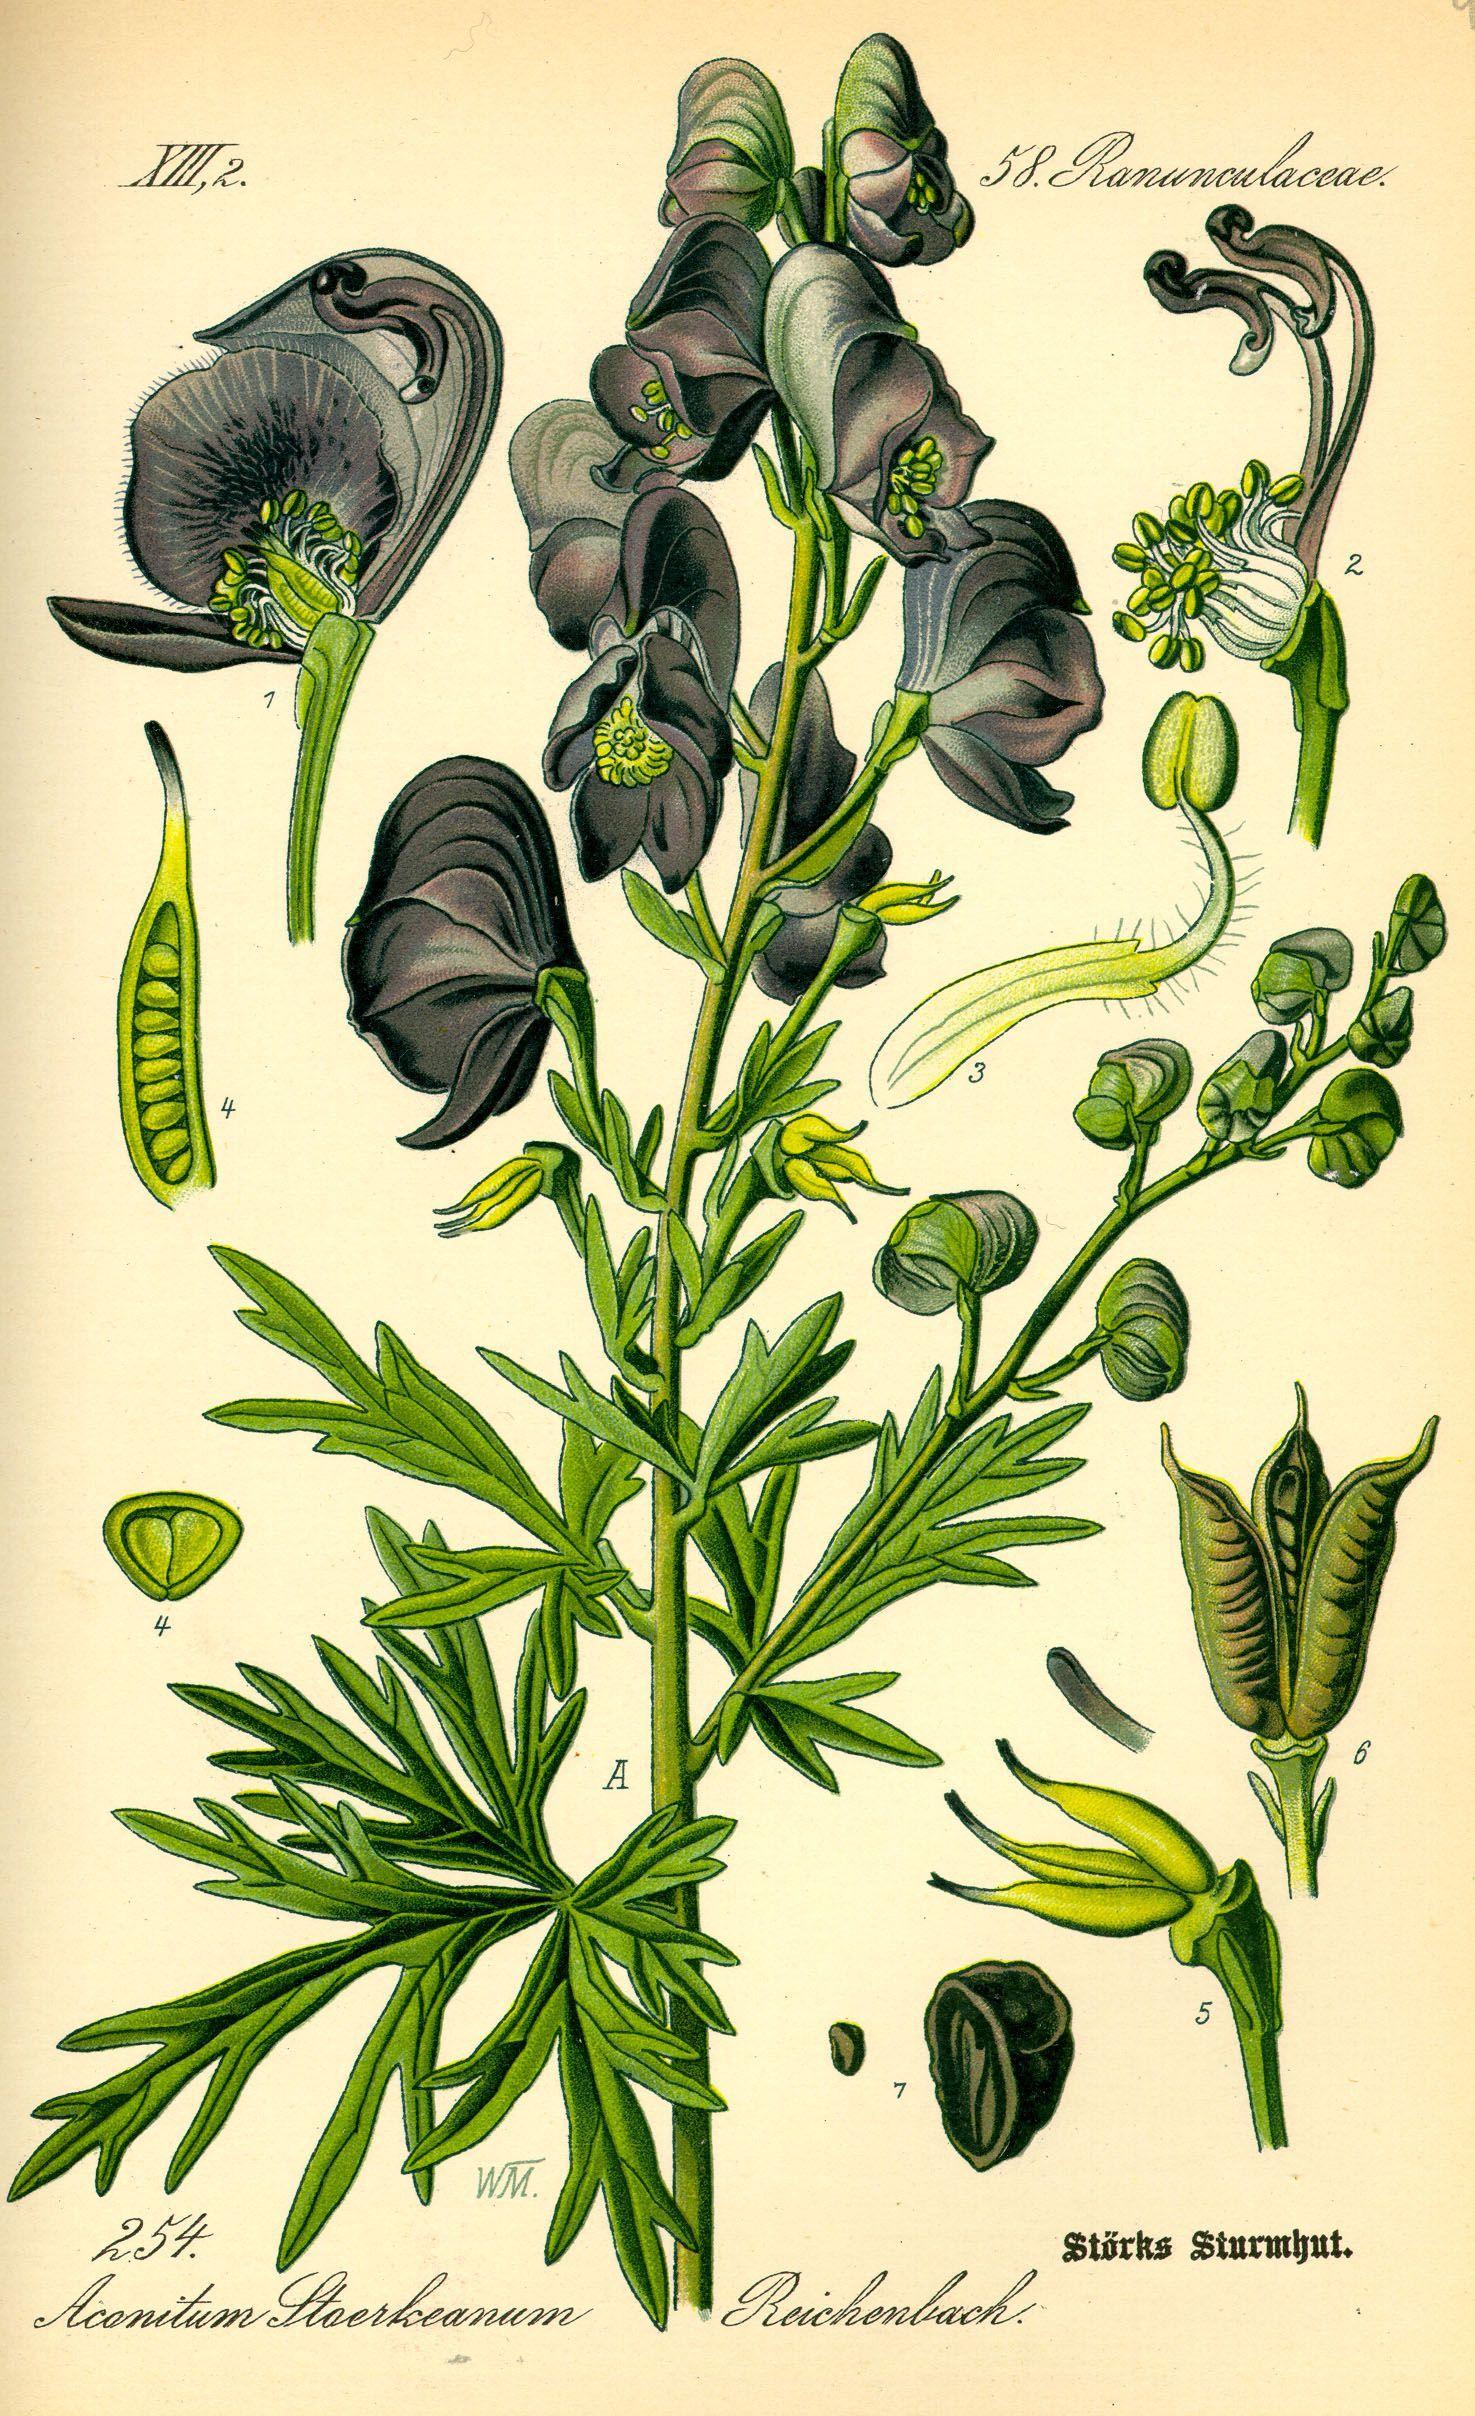 Blauer Eisenhut Botanische Abbildungen Botanische Zeichnungen Pflanzenzeichnung